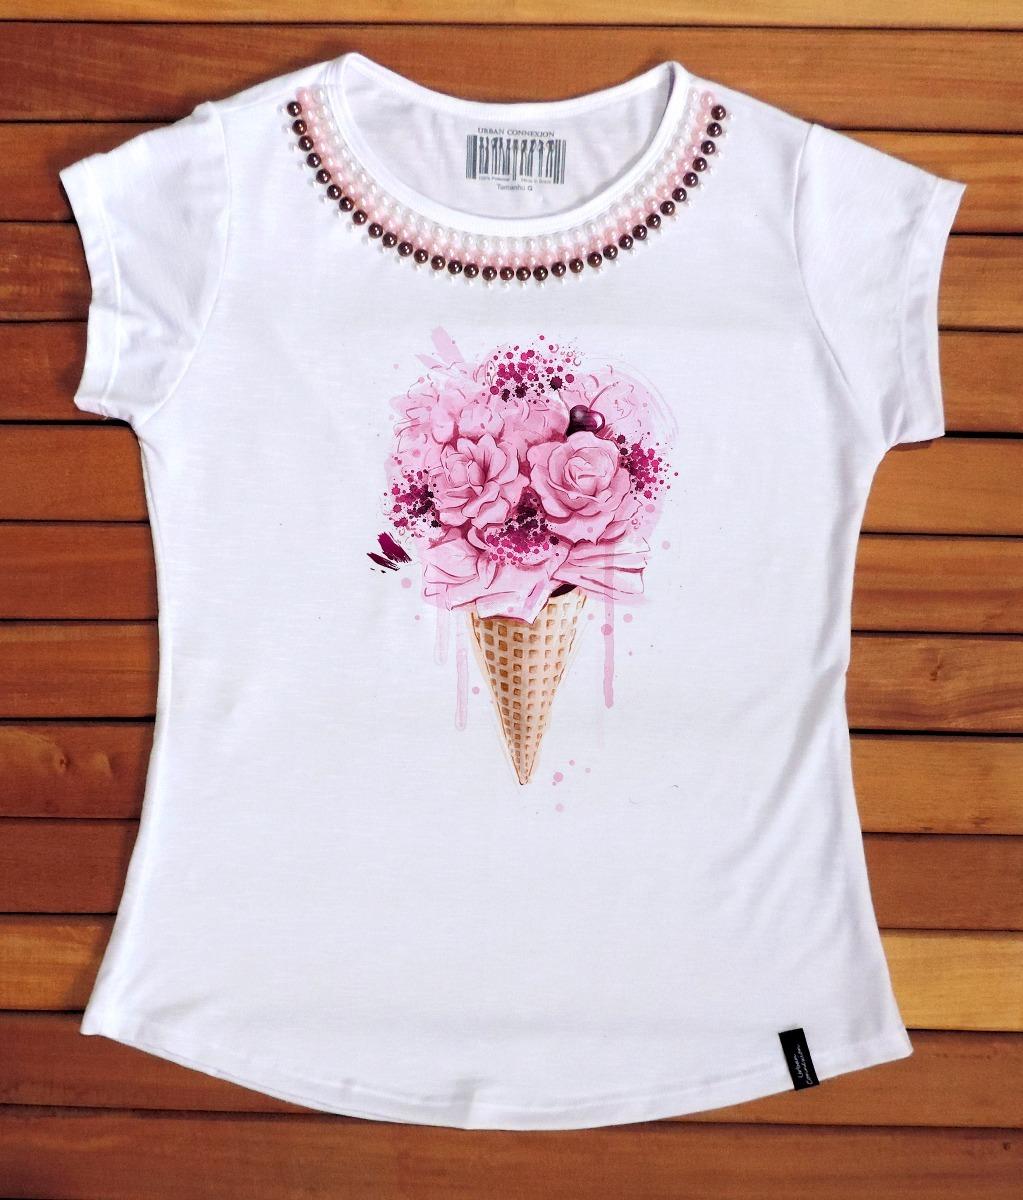 camiseta feminina blusa t shirt fashion ver o 2017 2018 r 55 10 em mercado livre. Black Bedroom Furniture Sets. Home Design Ideas